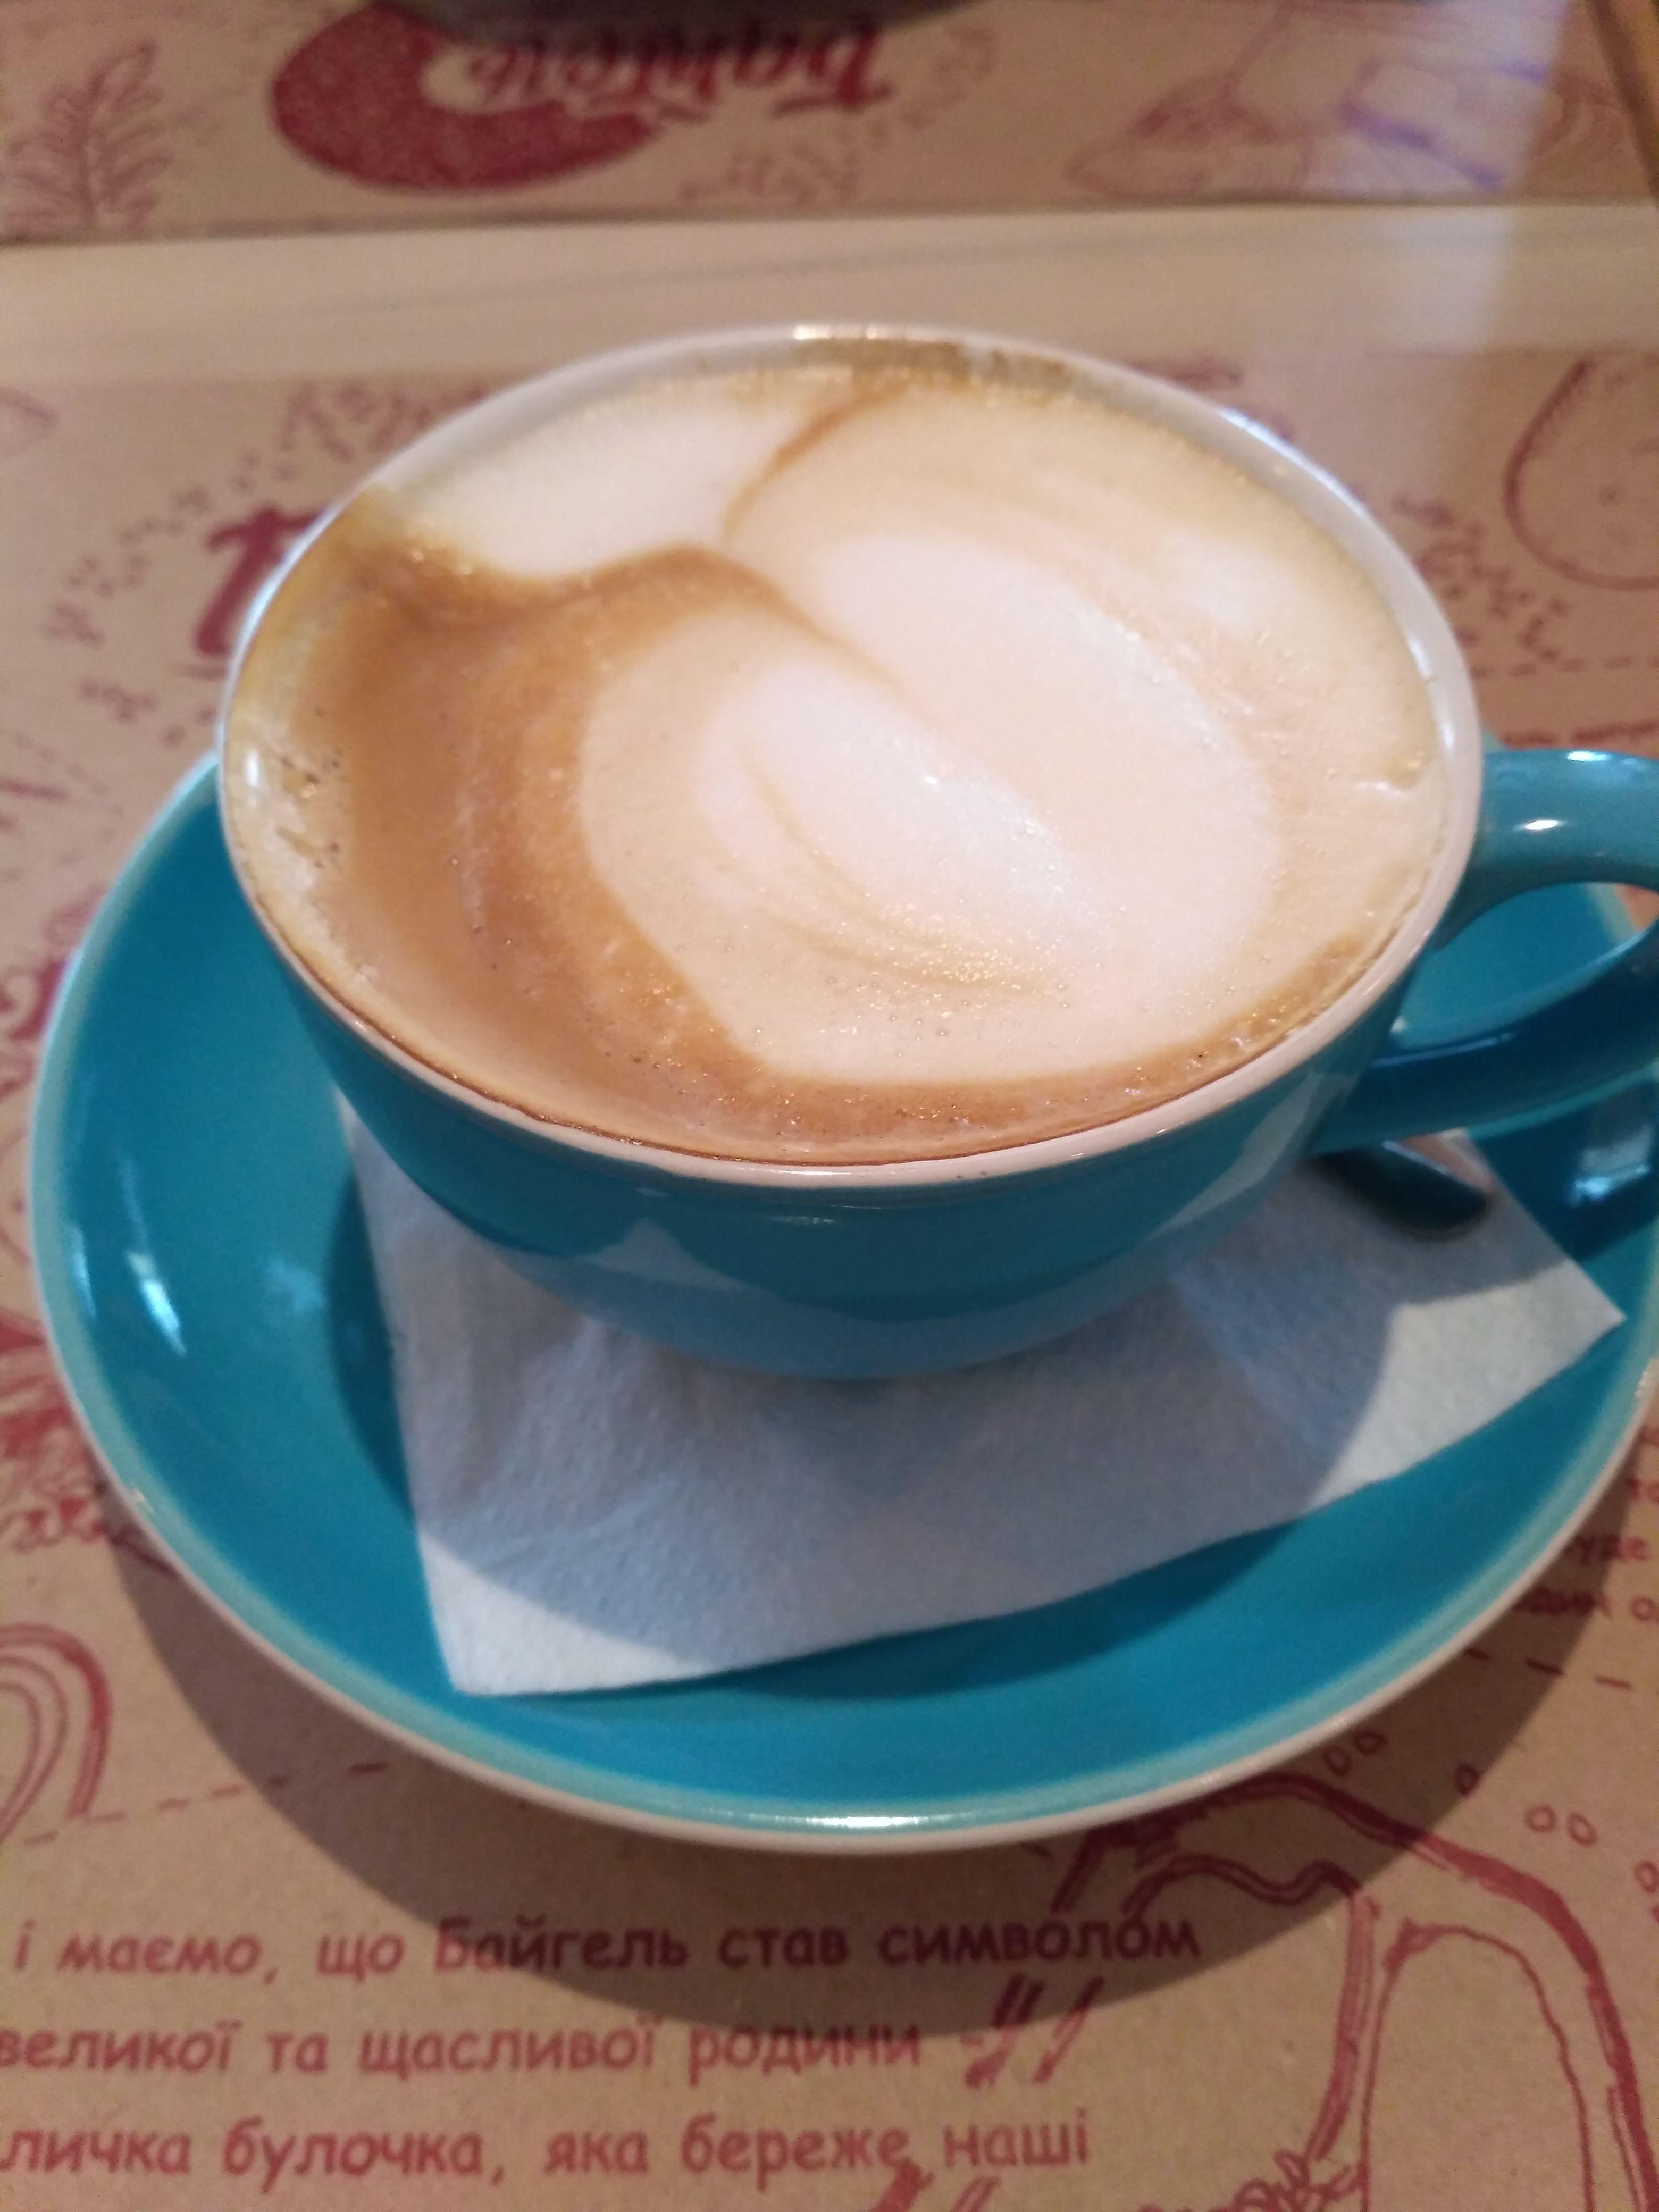 фото чашка кави